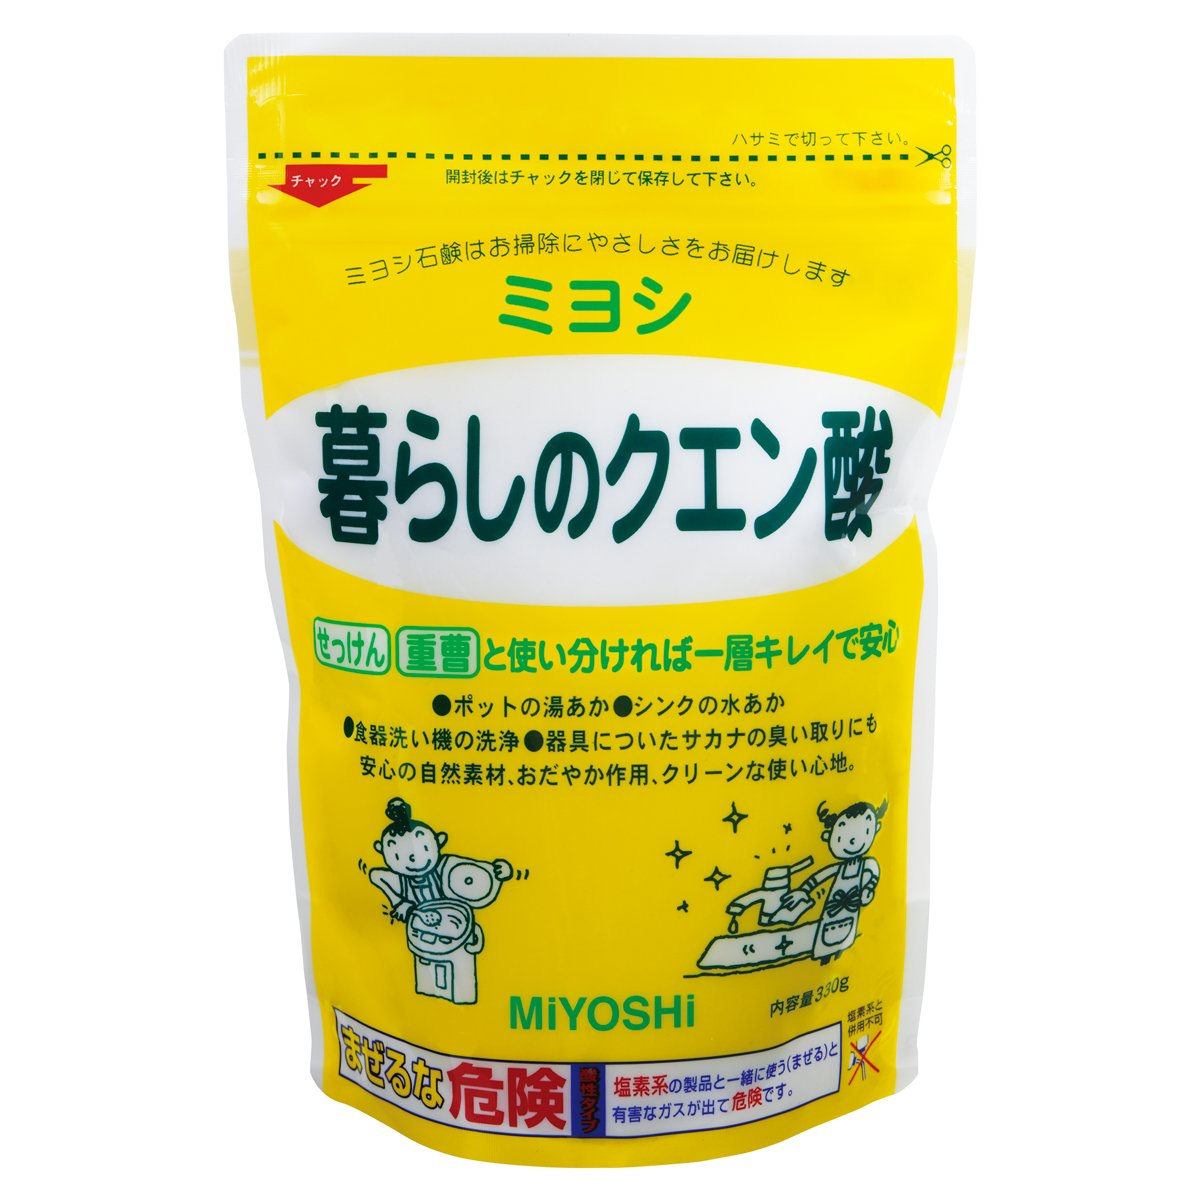 暮らしのクエン酸 330g product image